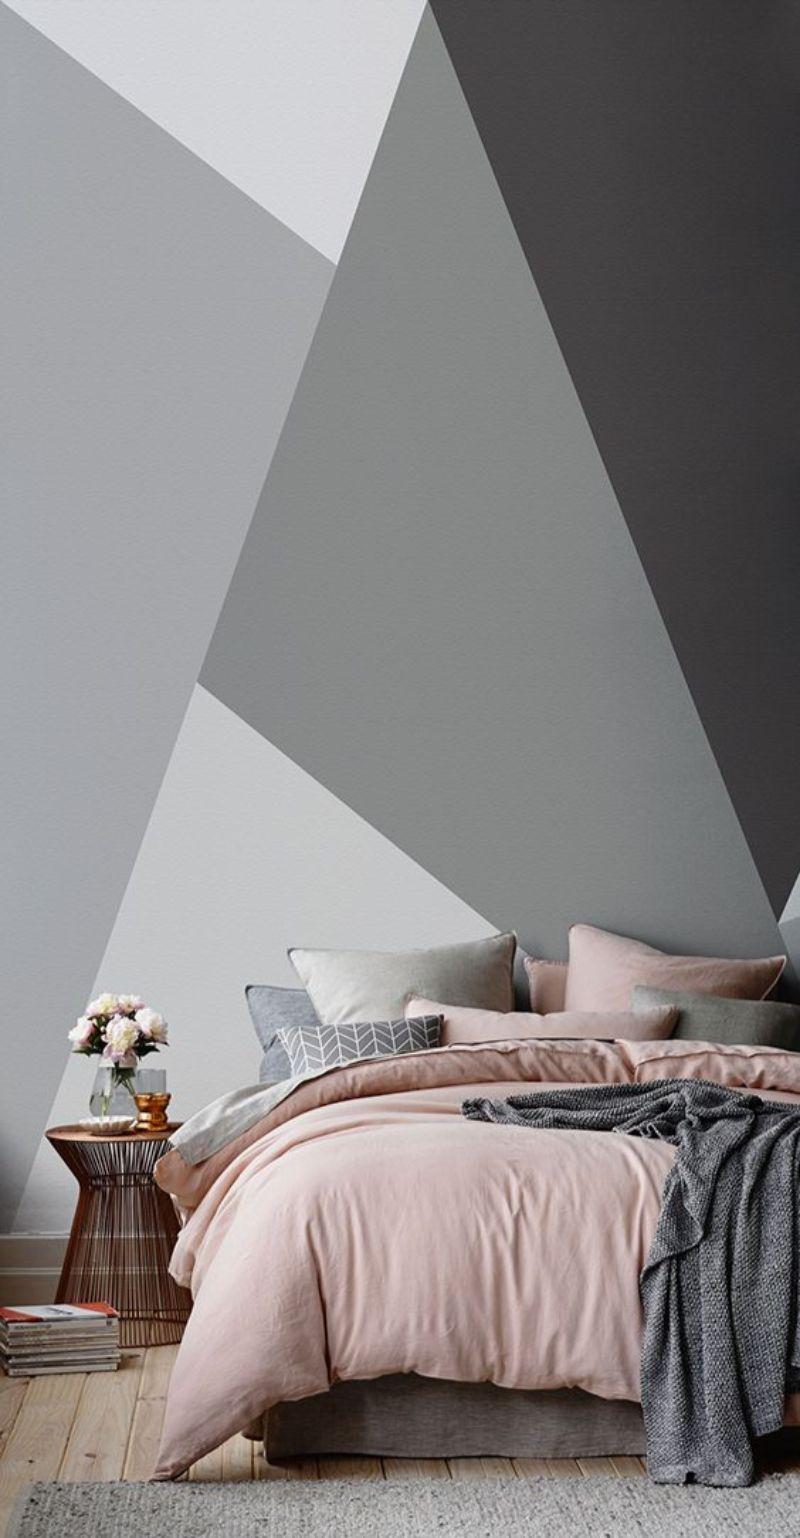 bedroom interior Wonderful Color Combinations for Your Bedroom Interior e04c44c490cdaaf0b54ad0e5bbe5ec6a